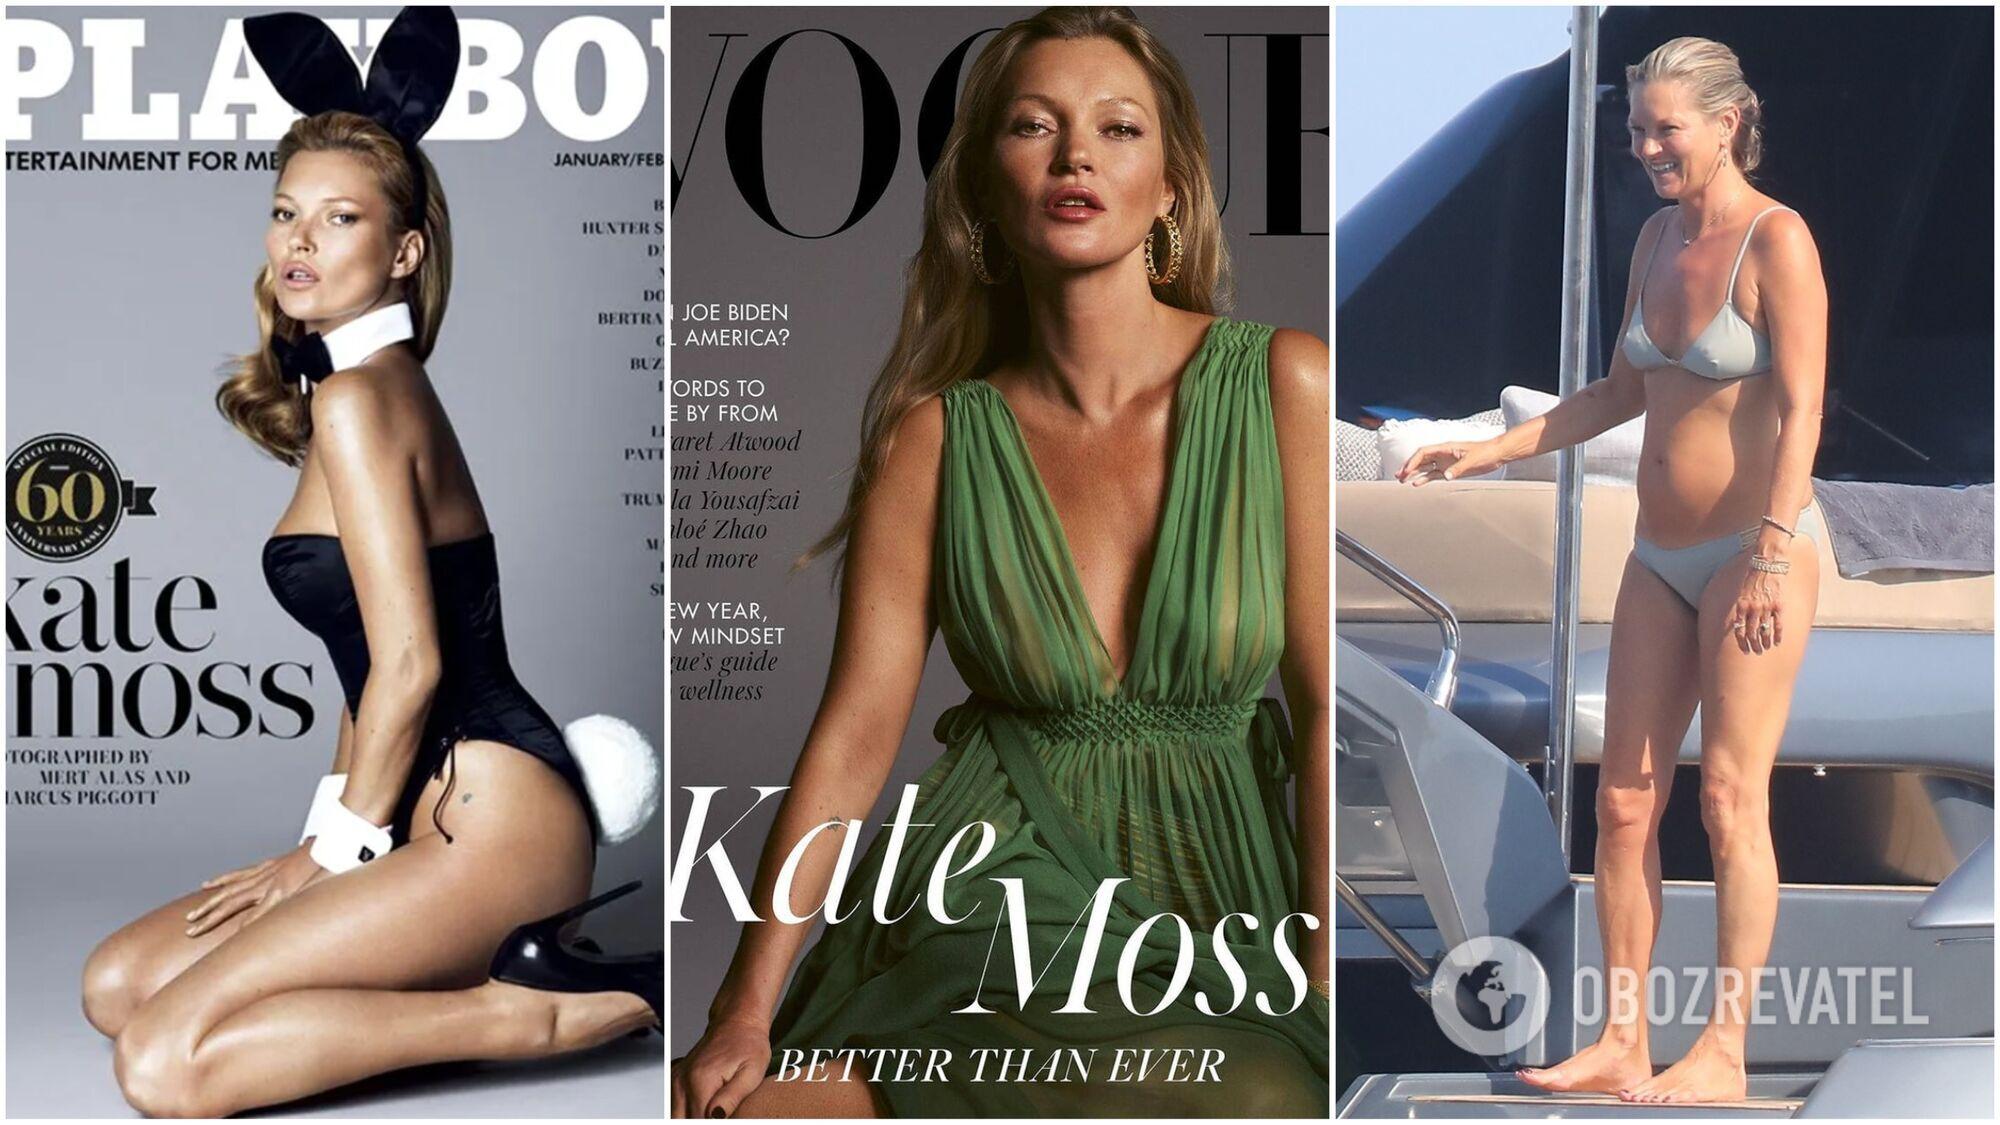 Кейт Мосс на обкладинці журналу Playboy в 2013 році, на обкладинці Vogue наприкінці 2020 року і зараз